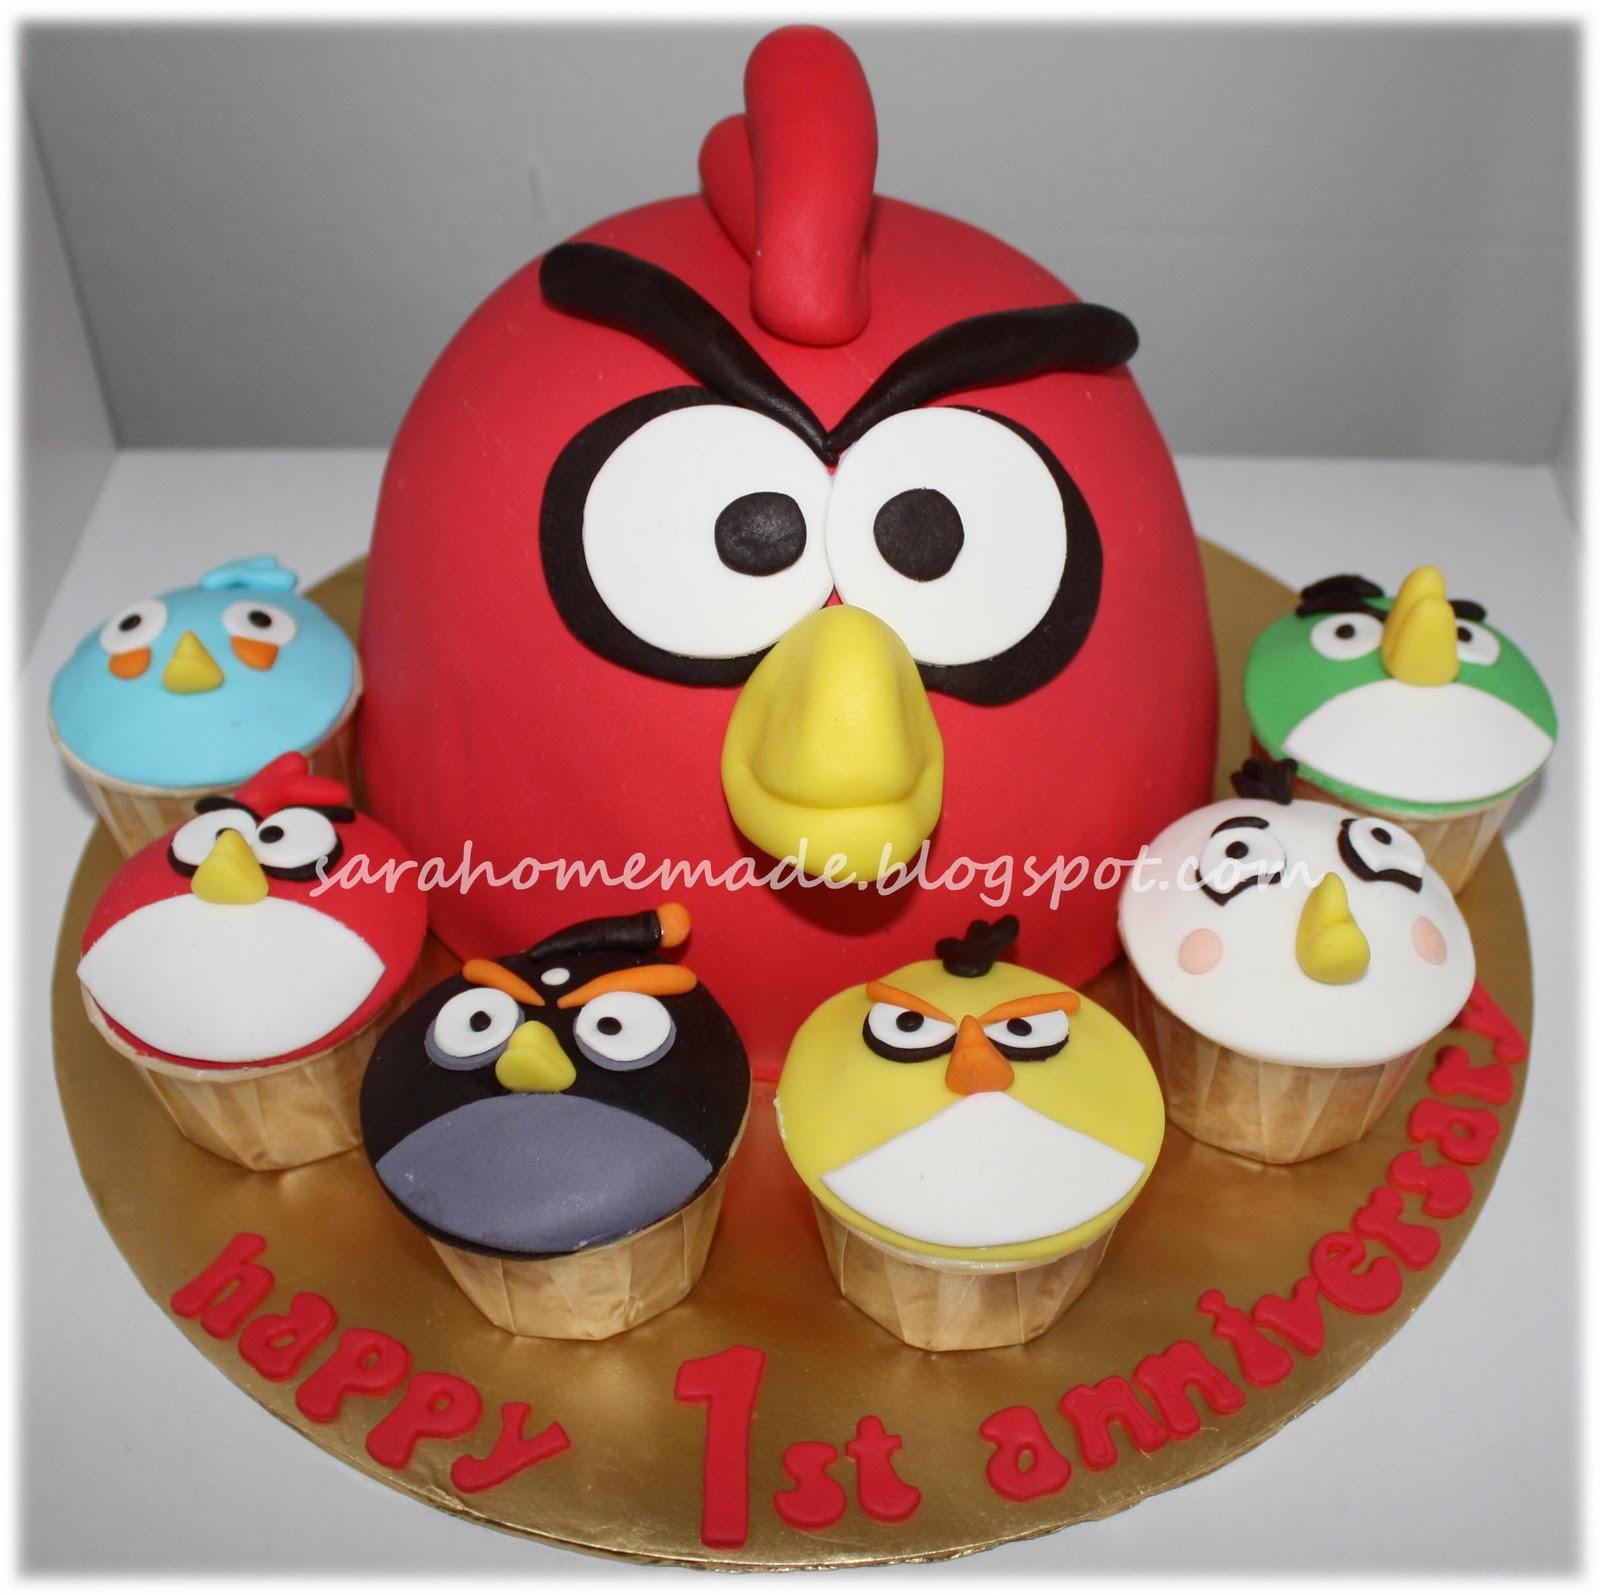 novembre angry bird lensemble - photo #37